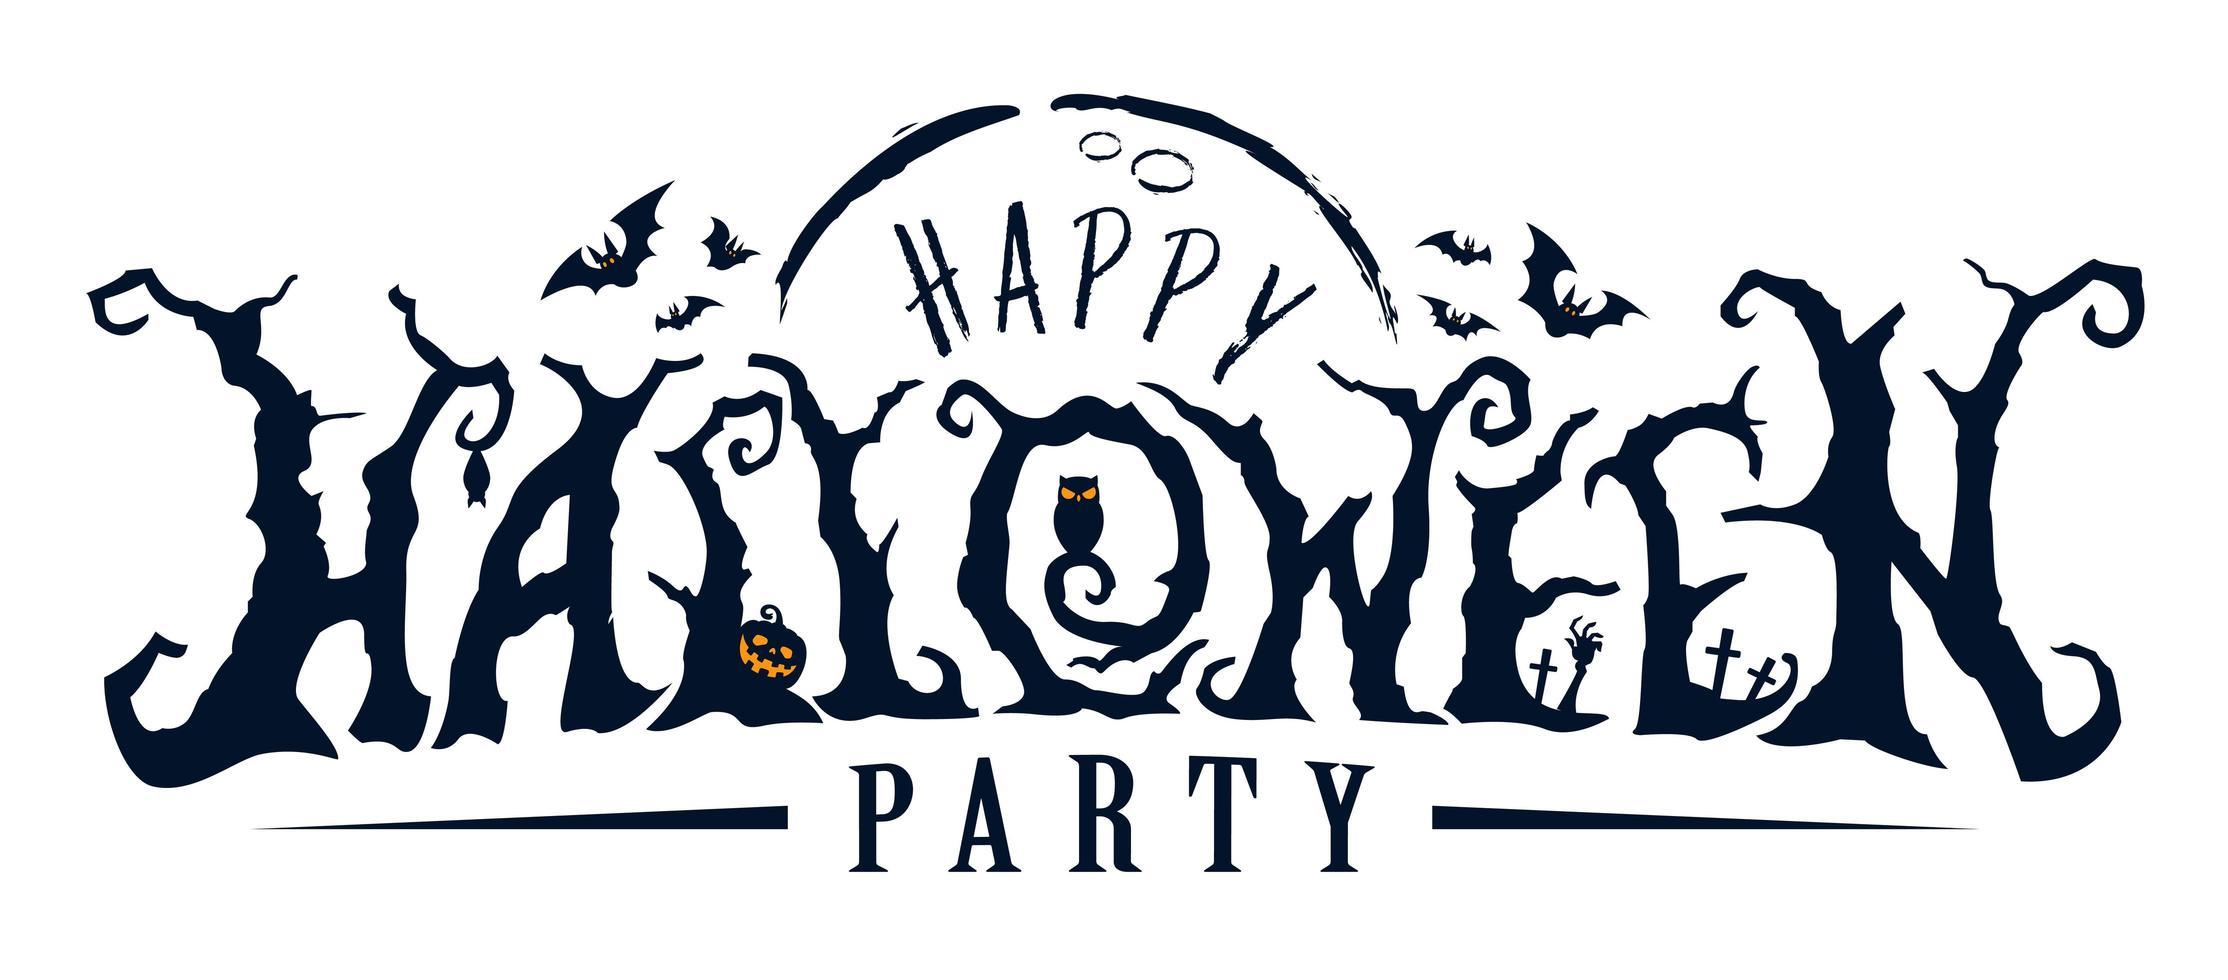 happy halloween party kerkhof tekst vector